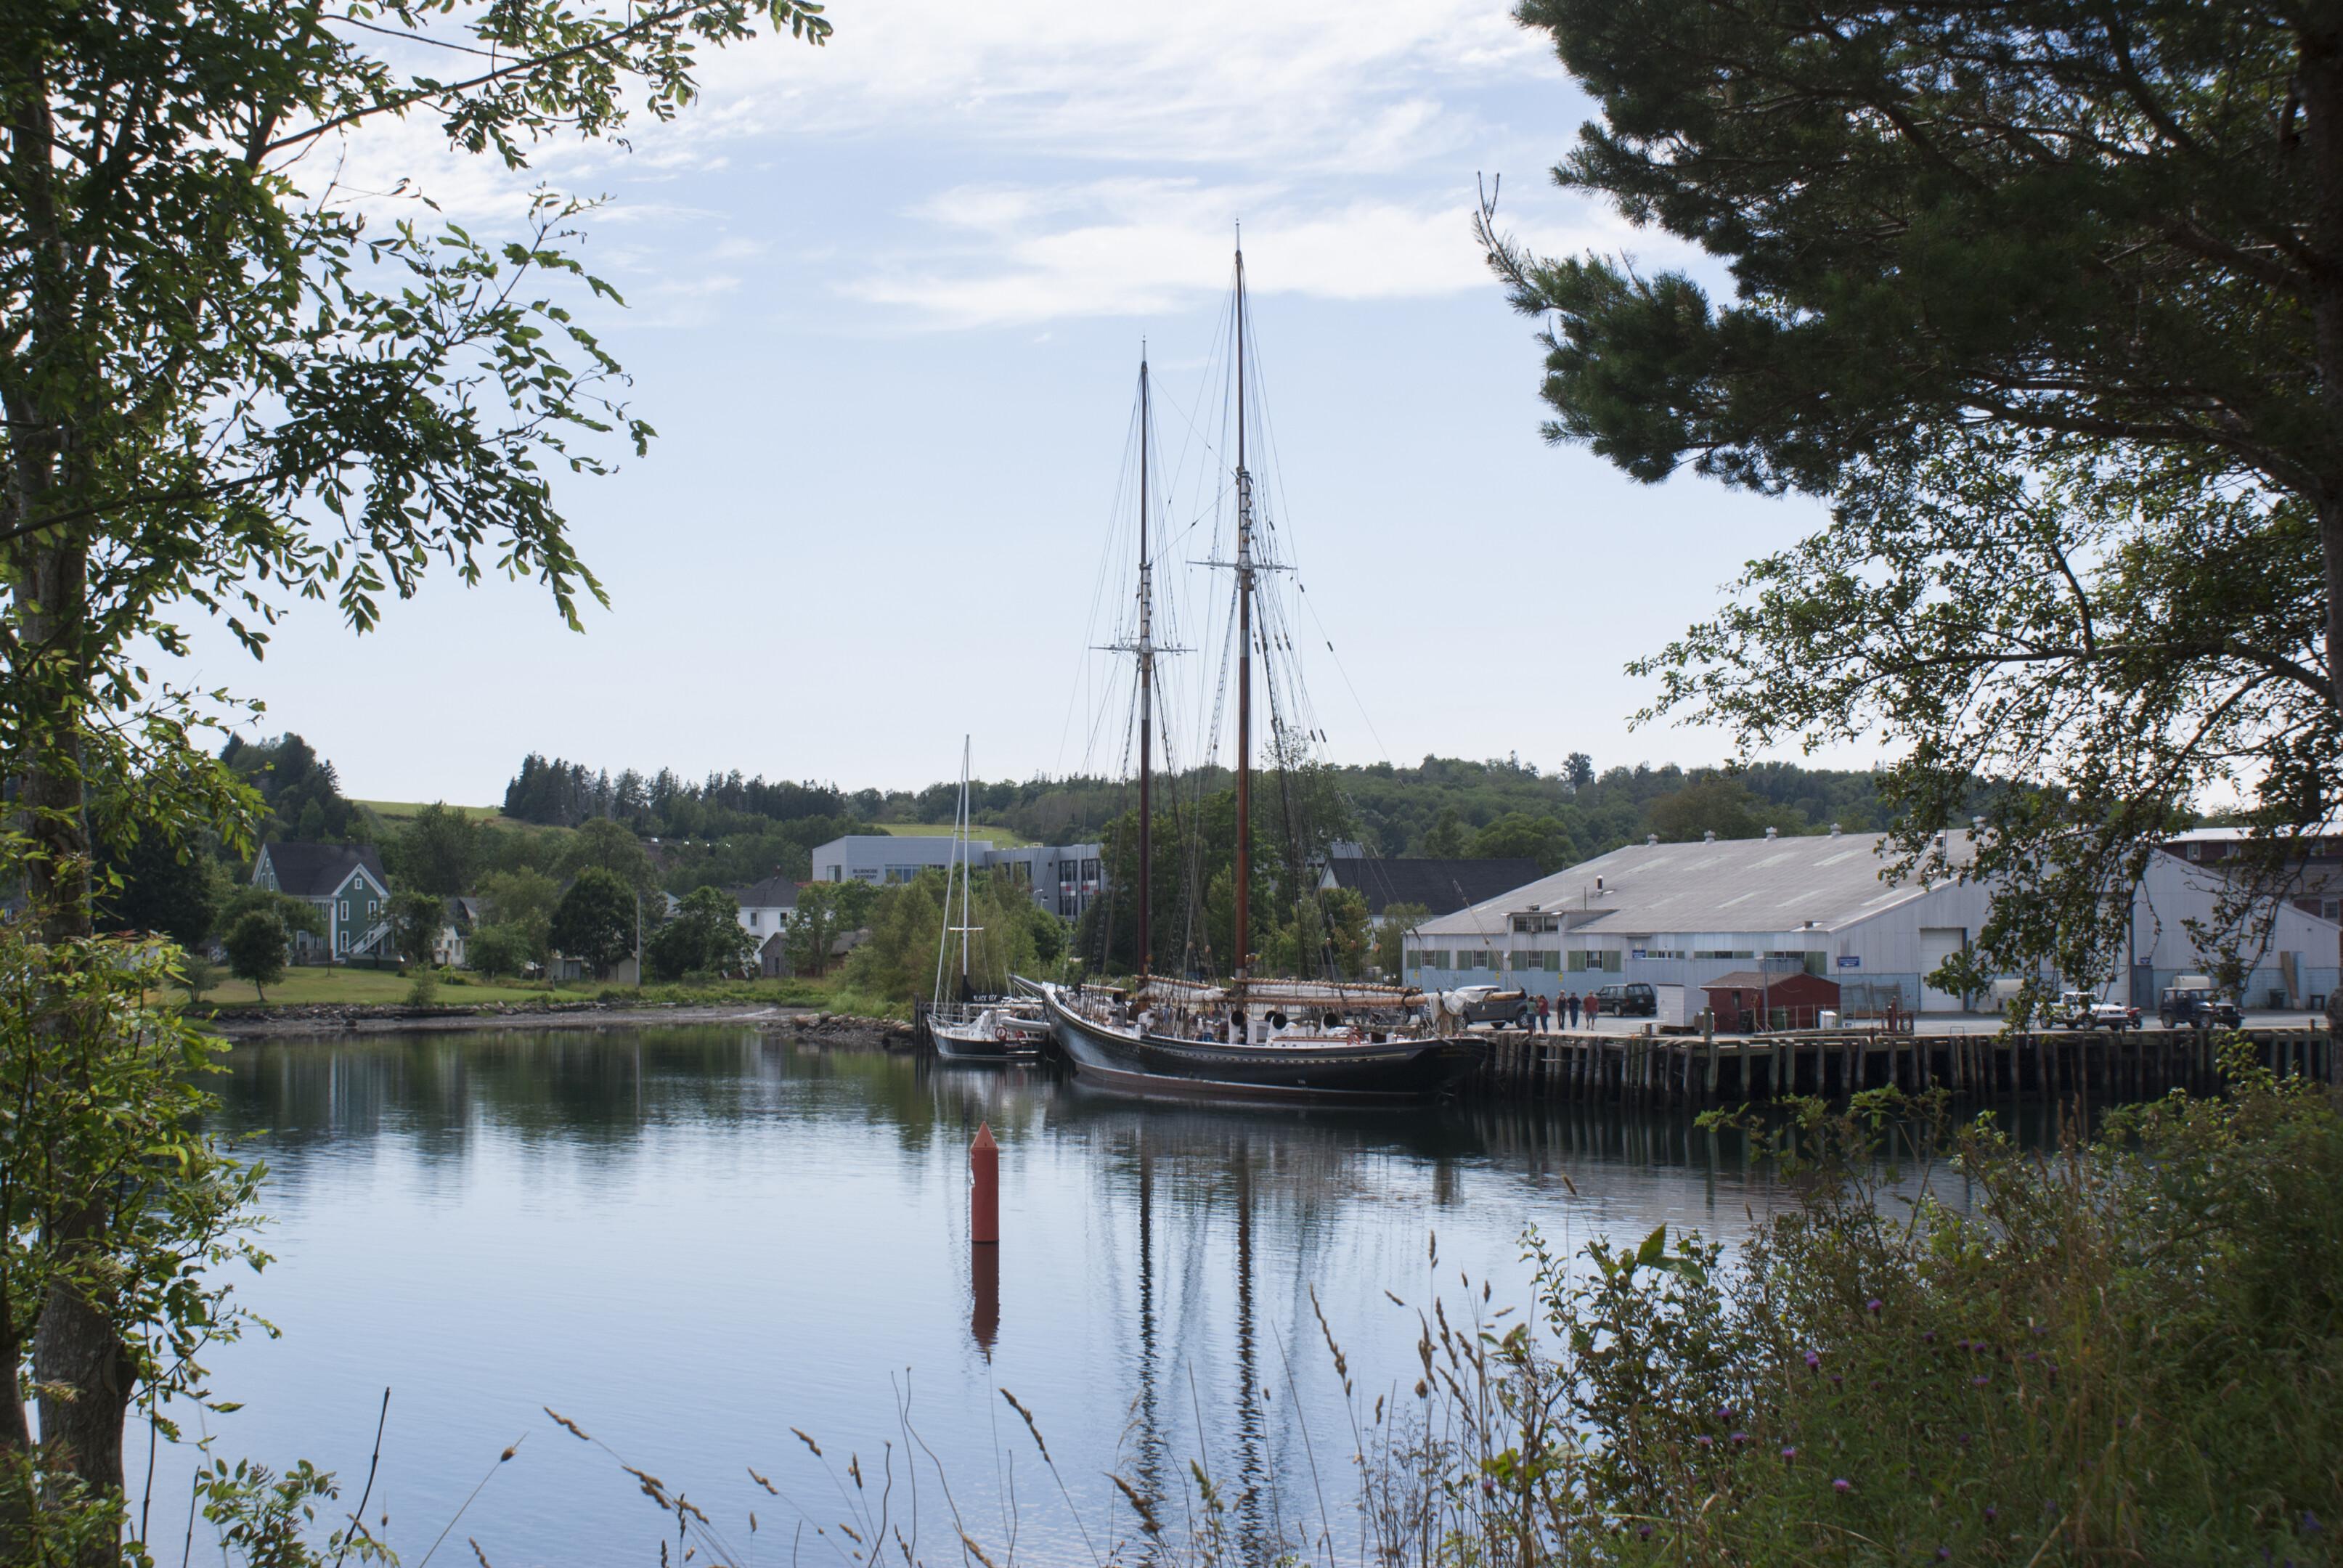 Kijkje op de haven van Lunenburg in Canada